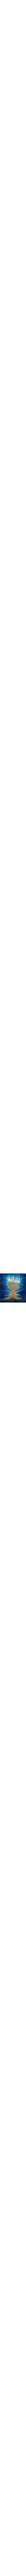 Hanukkah Menorah that lights the Chanukah holiday painting print canvas